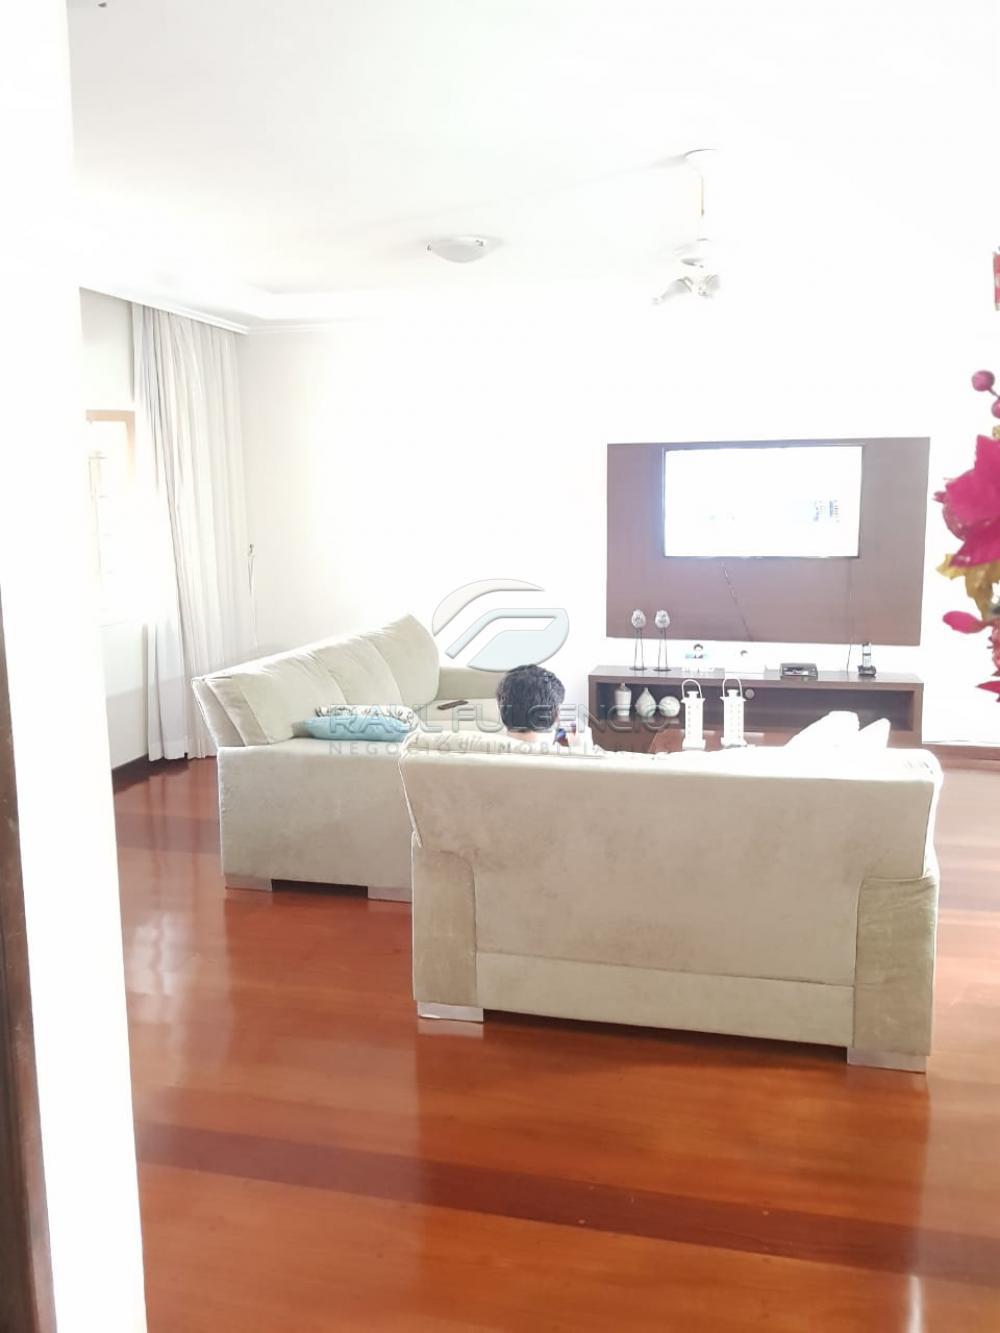 Comprar Casa / Térrea em Londrina apenas R$ 595.000,00 - Foto 4